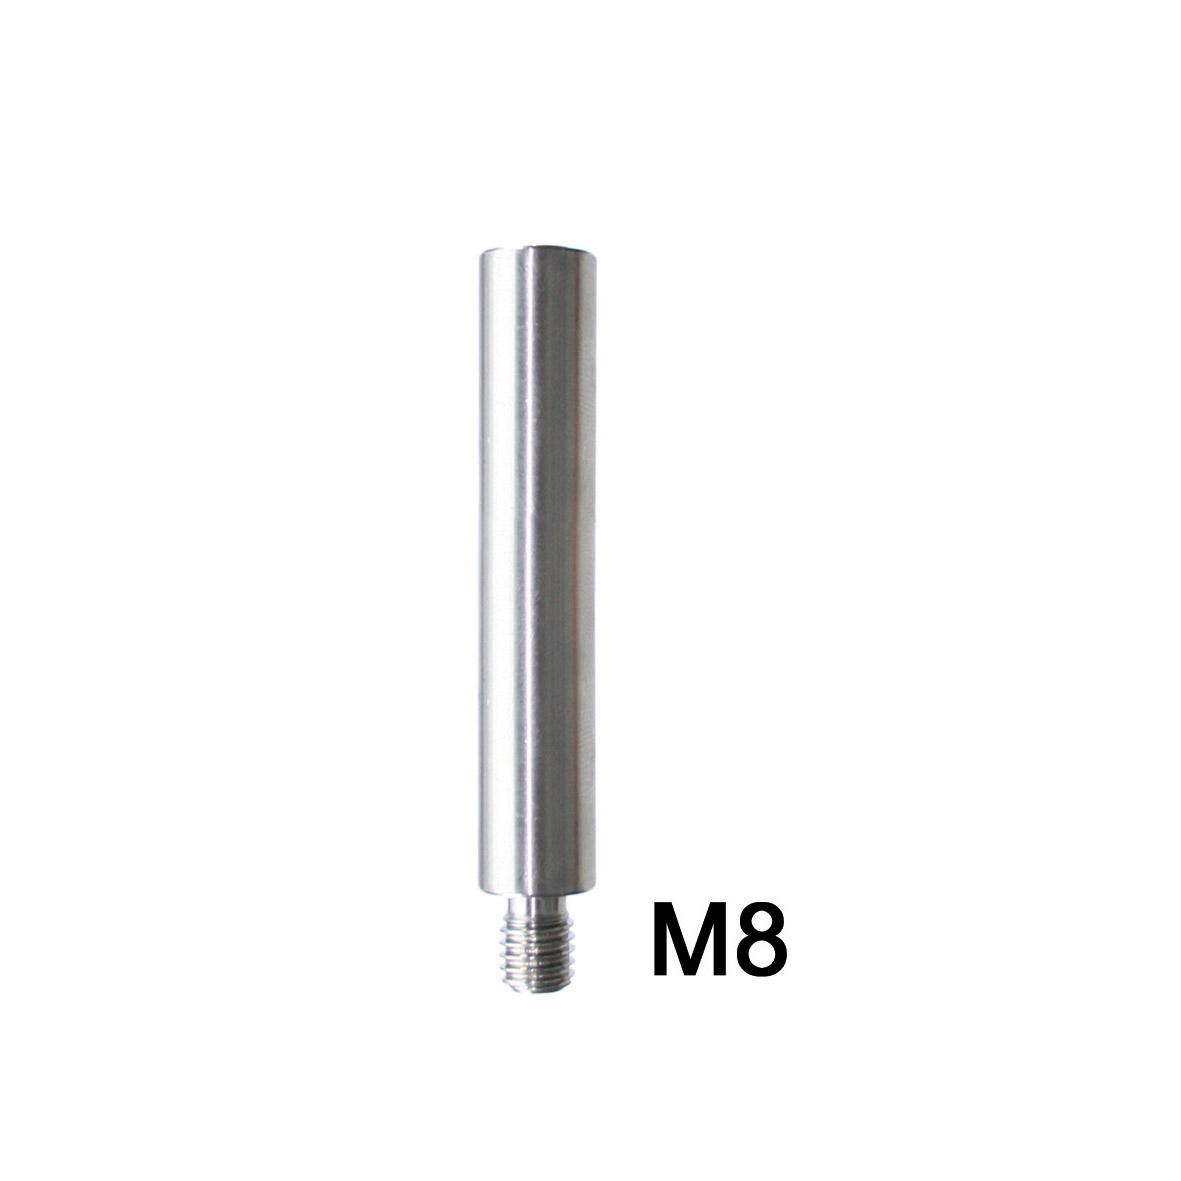 V2A Edelstahl Handlaufträgerstützen 100mm, Ø12mm gerade